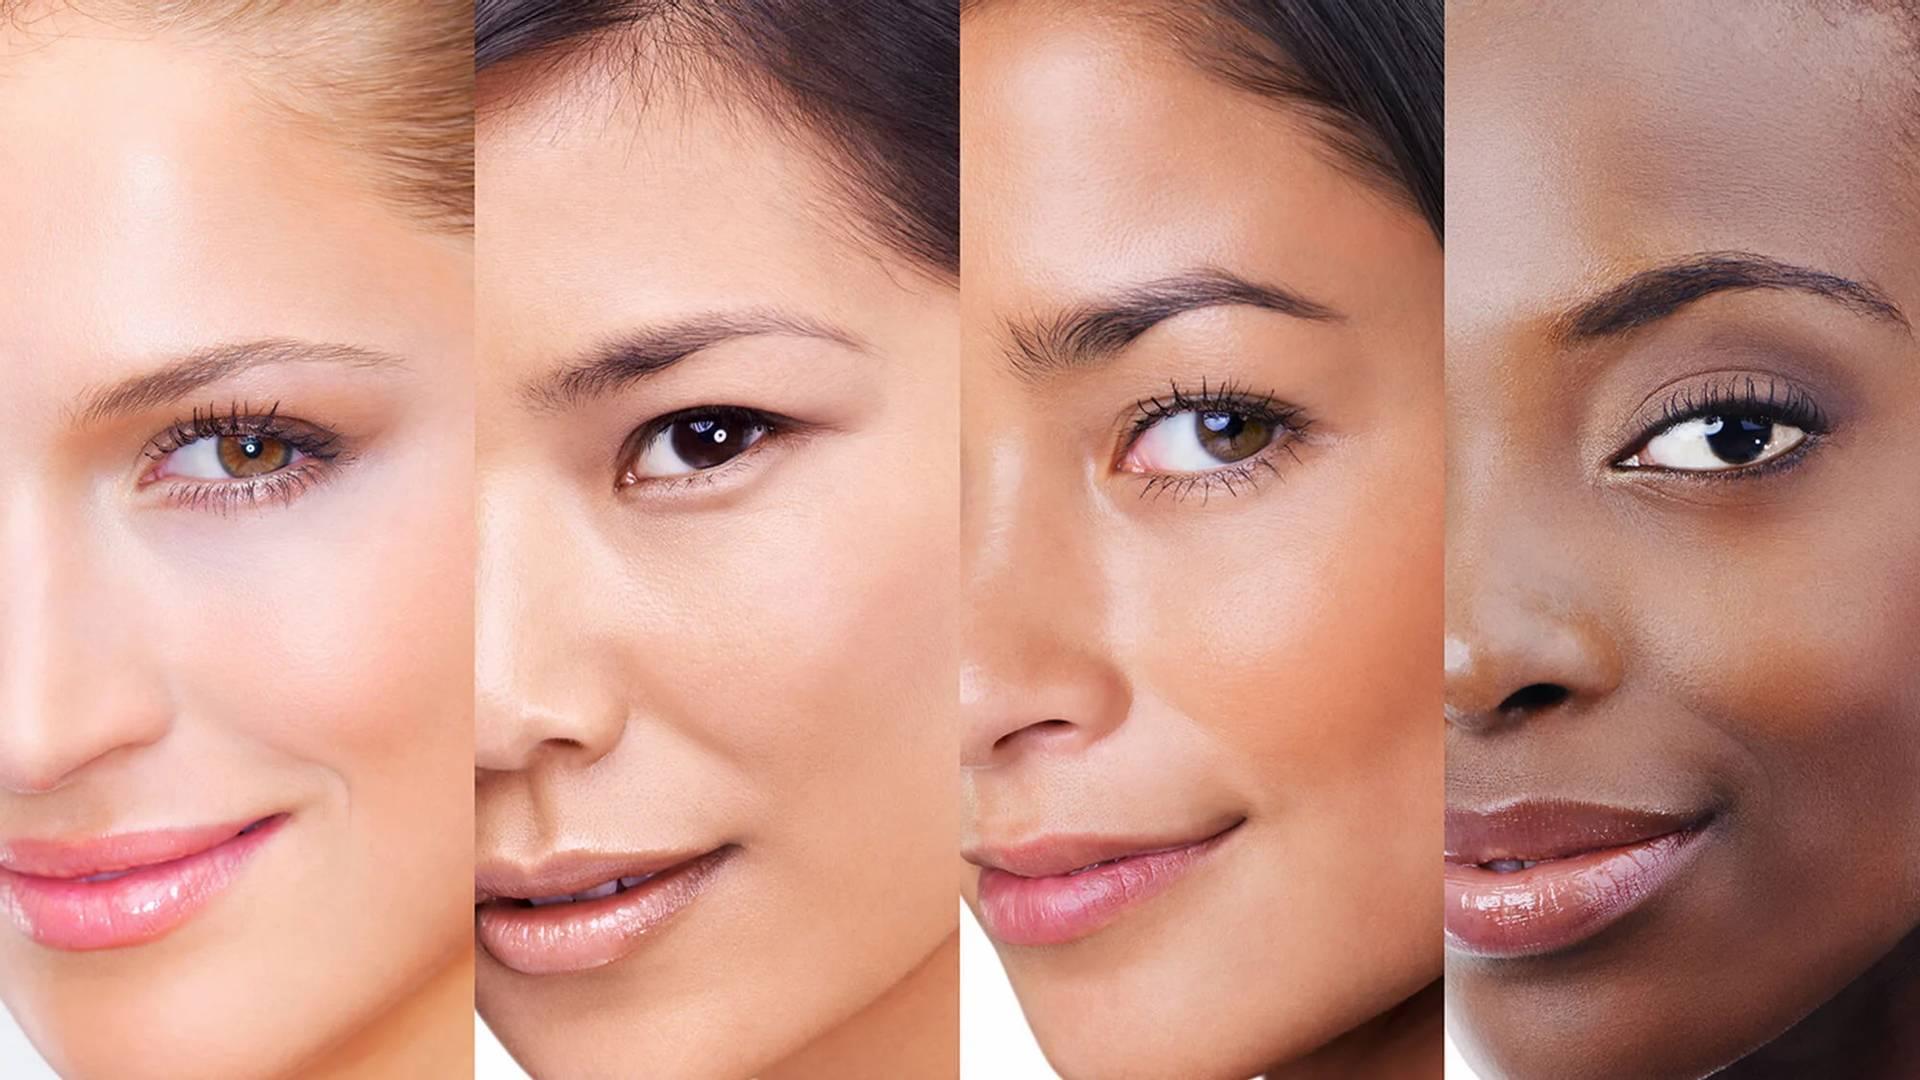 Cos'è il fototipo della pelle e perché è importante sapere qual è il tuo prima di sottometterti a un'abbronzatura UV